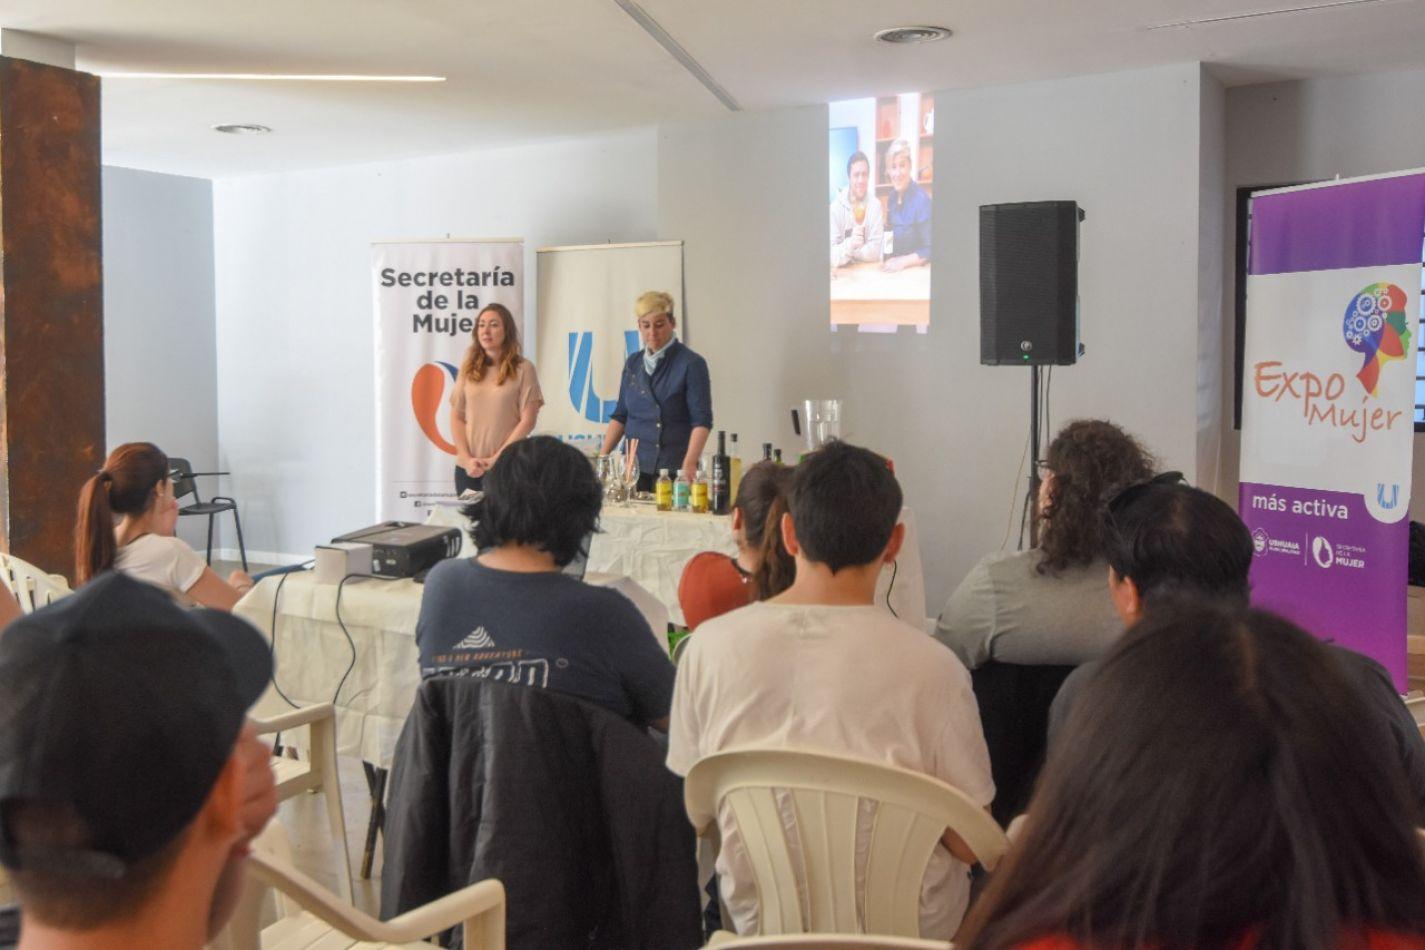 Soledad Mouledoux, bartender, ofreció una master class de coctelería